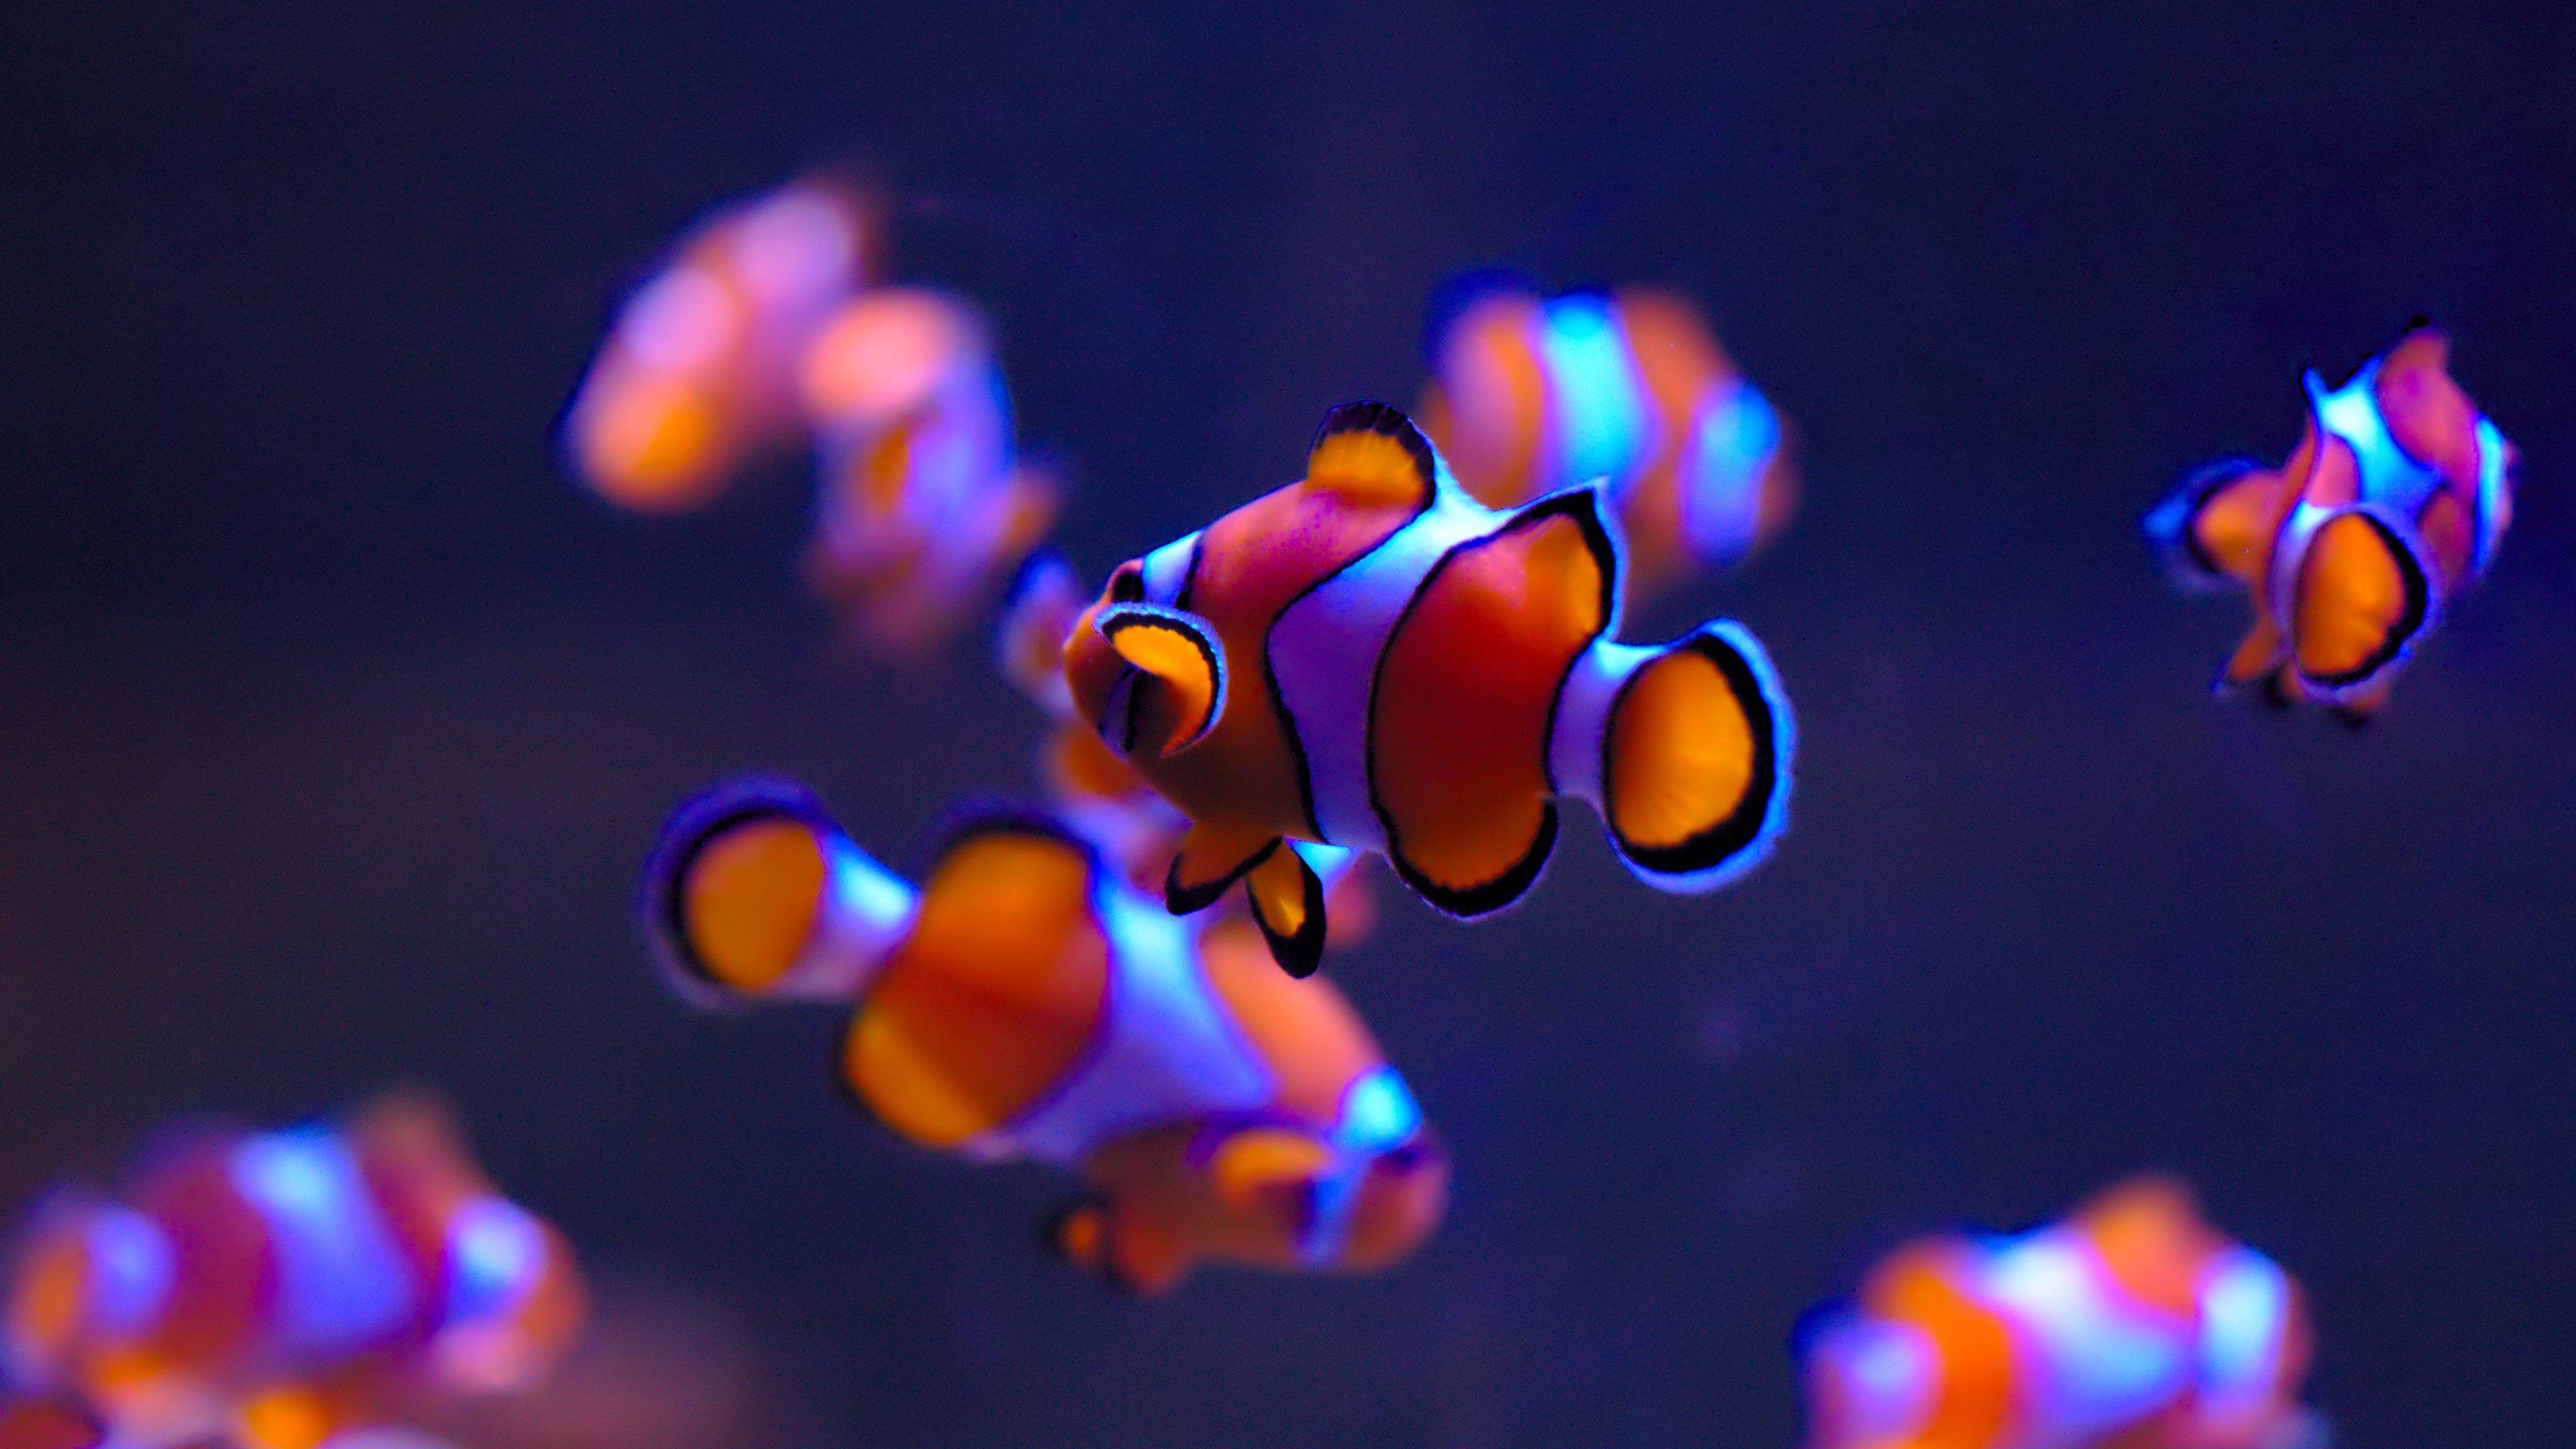 3840x2160 Clownfish 4k Full Hd Wallpapers High Resolution Oboi S Zhivotnymi Zhivotnye